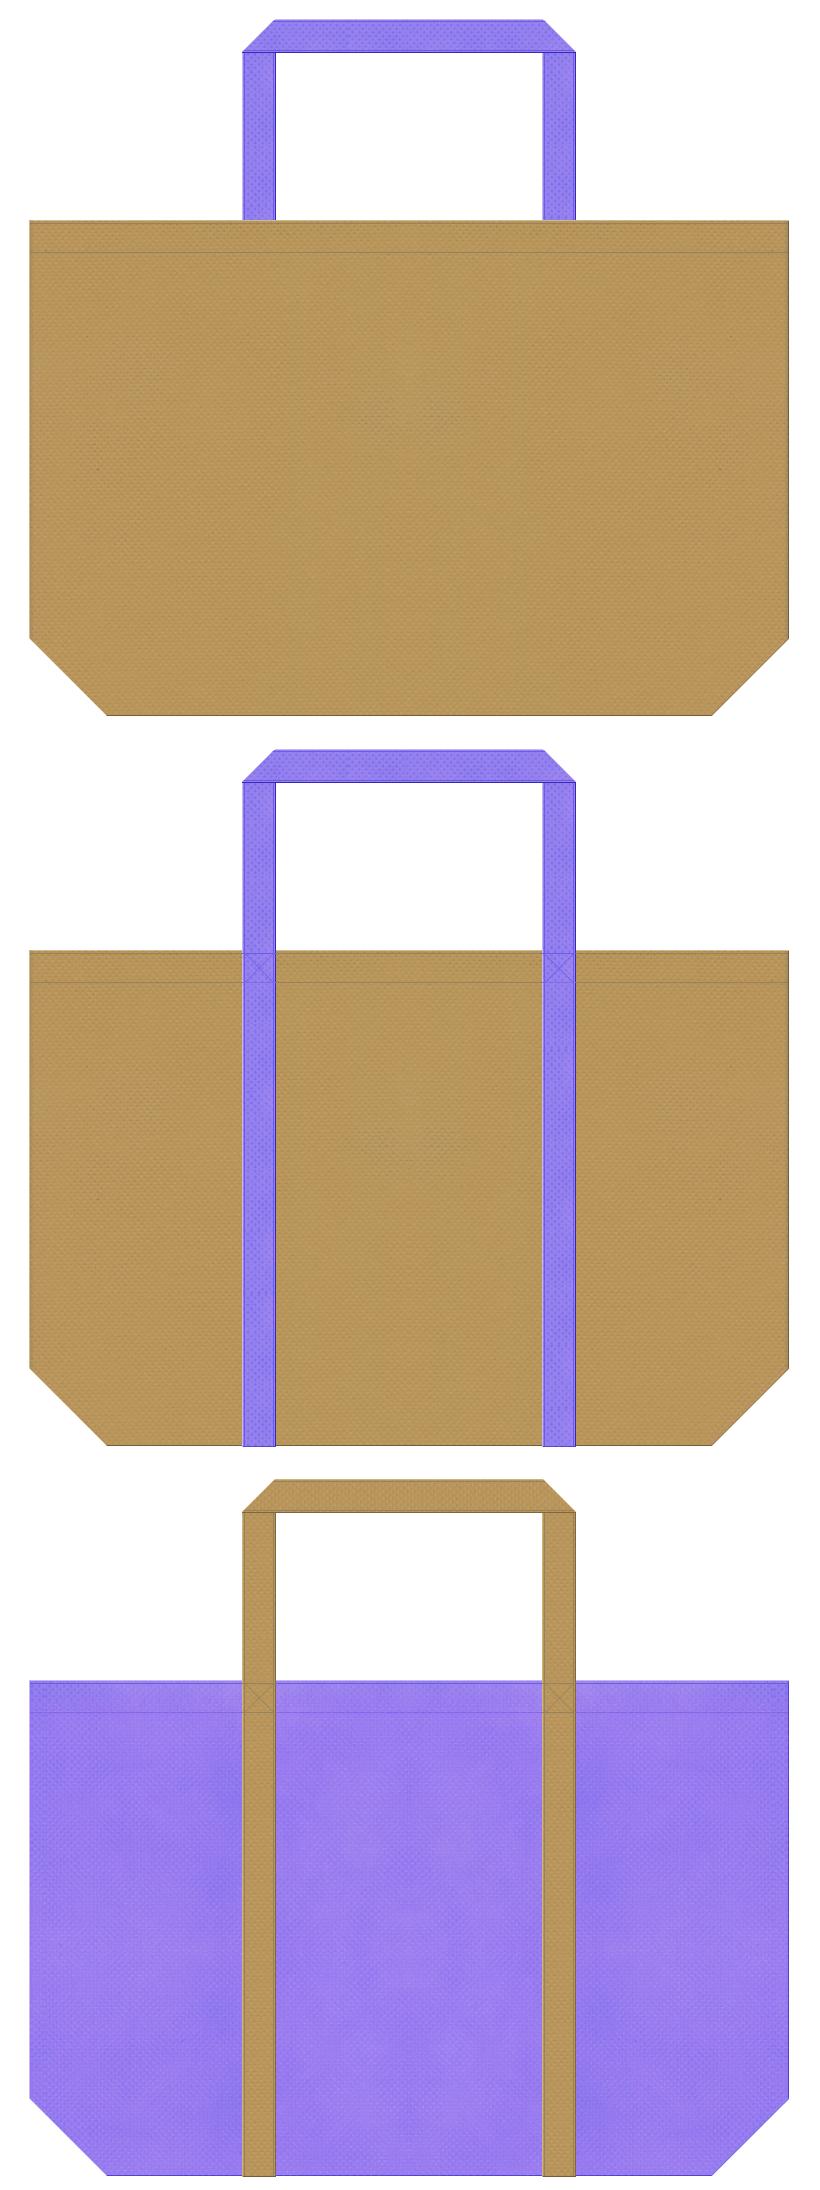 金色系黄土色と薄紫色の不織布ショッピングのデザイン